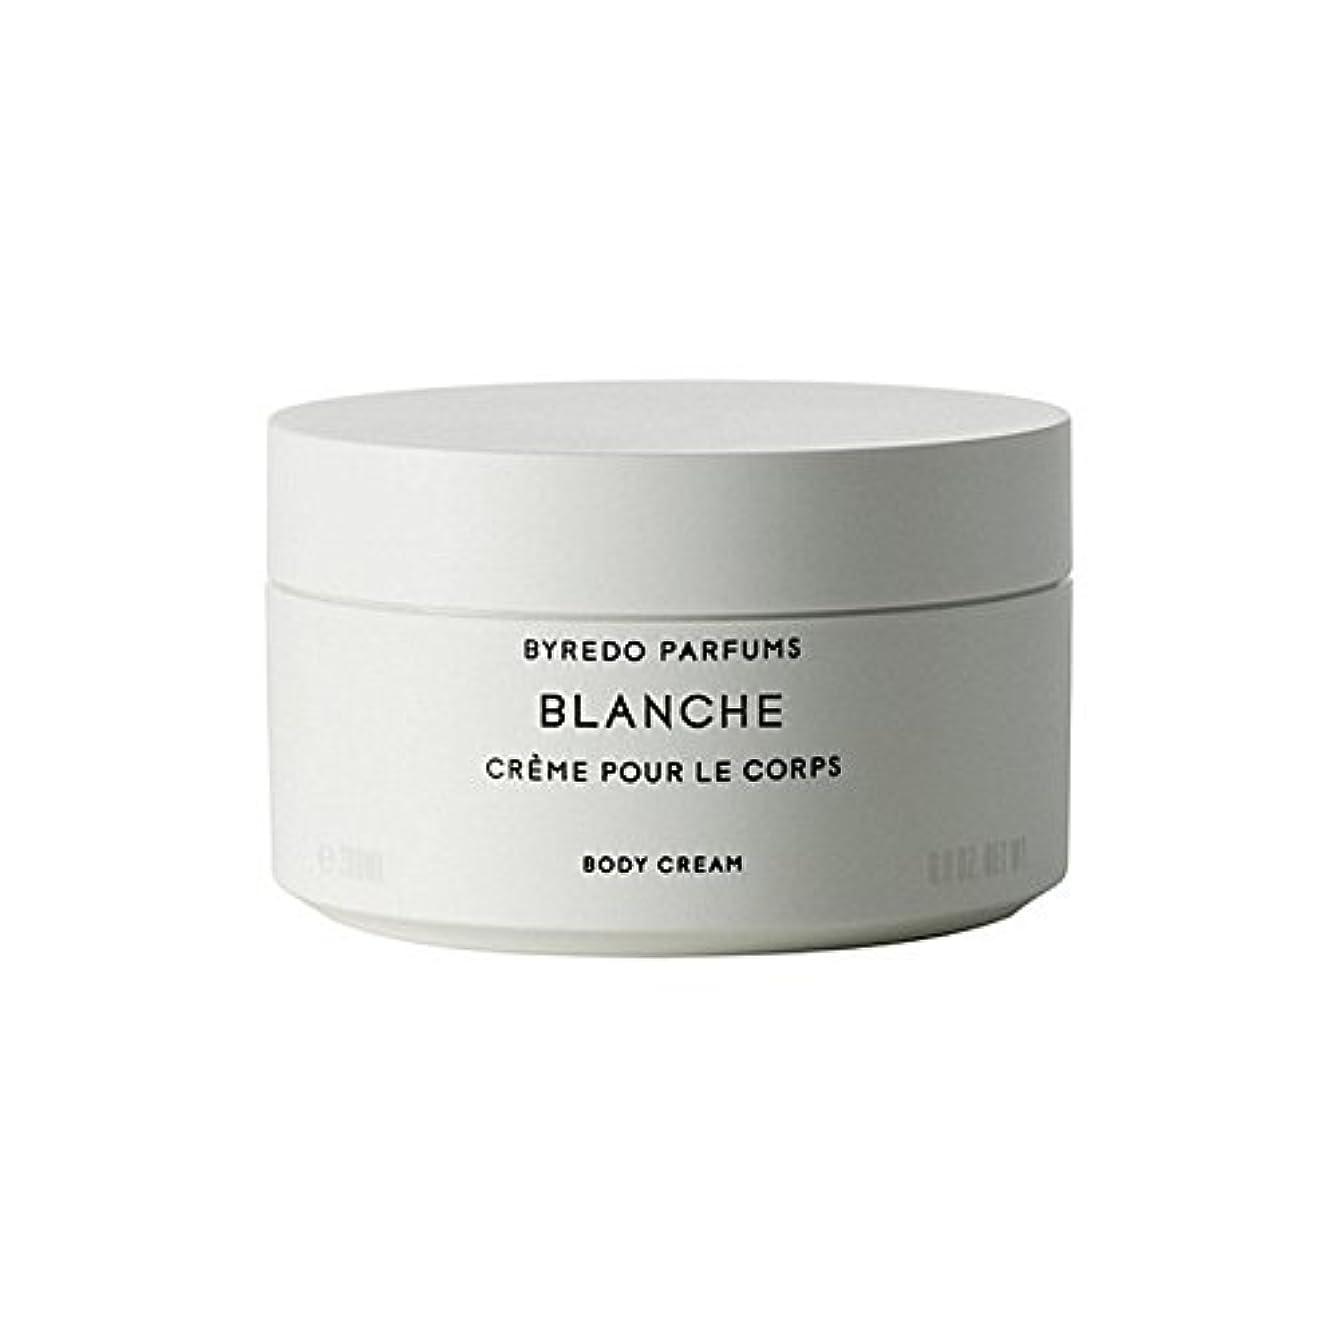 相対的ヨーロッパ気分Byredo Blanche Body Cream 200ml (Pack of 6) - ブランシュボディクリーム200ミリリットル x6 [並行輸入品]